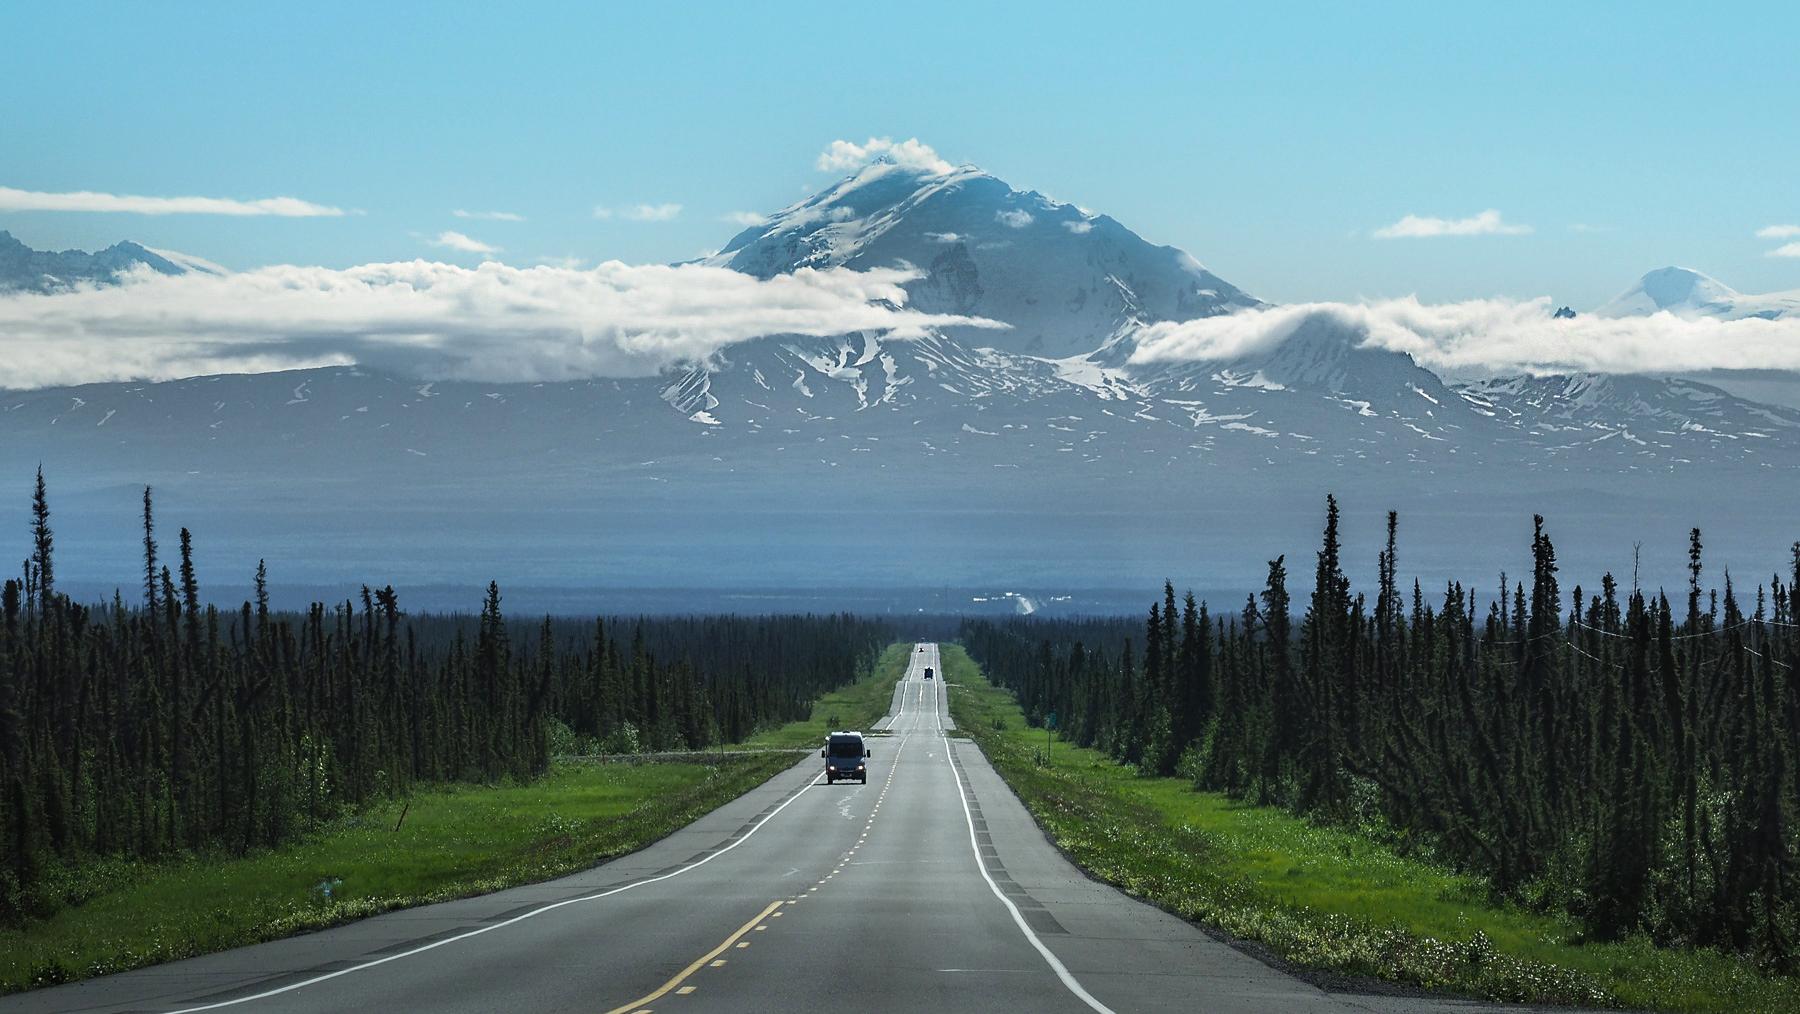 Fahrt am Glenn Highway, mit dem majestätischen Wrangell Mountain im Hintergrund